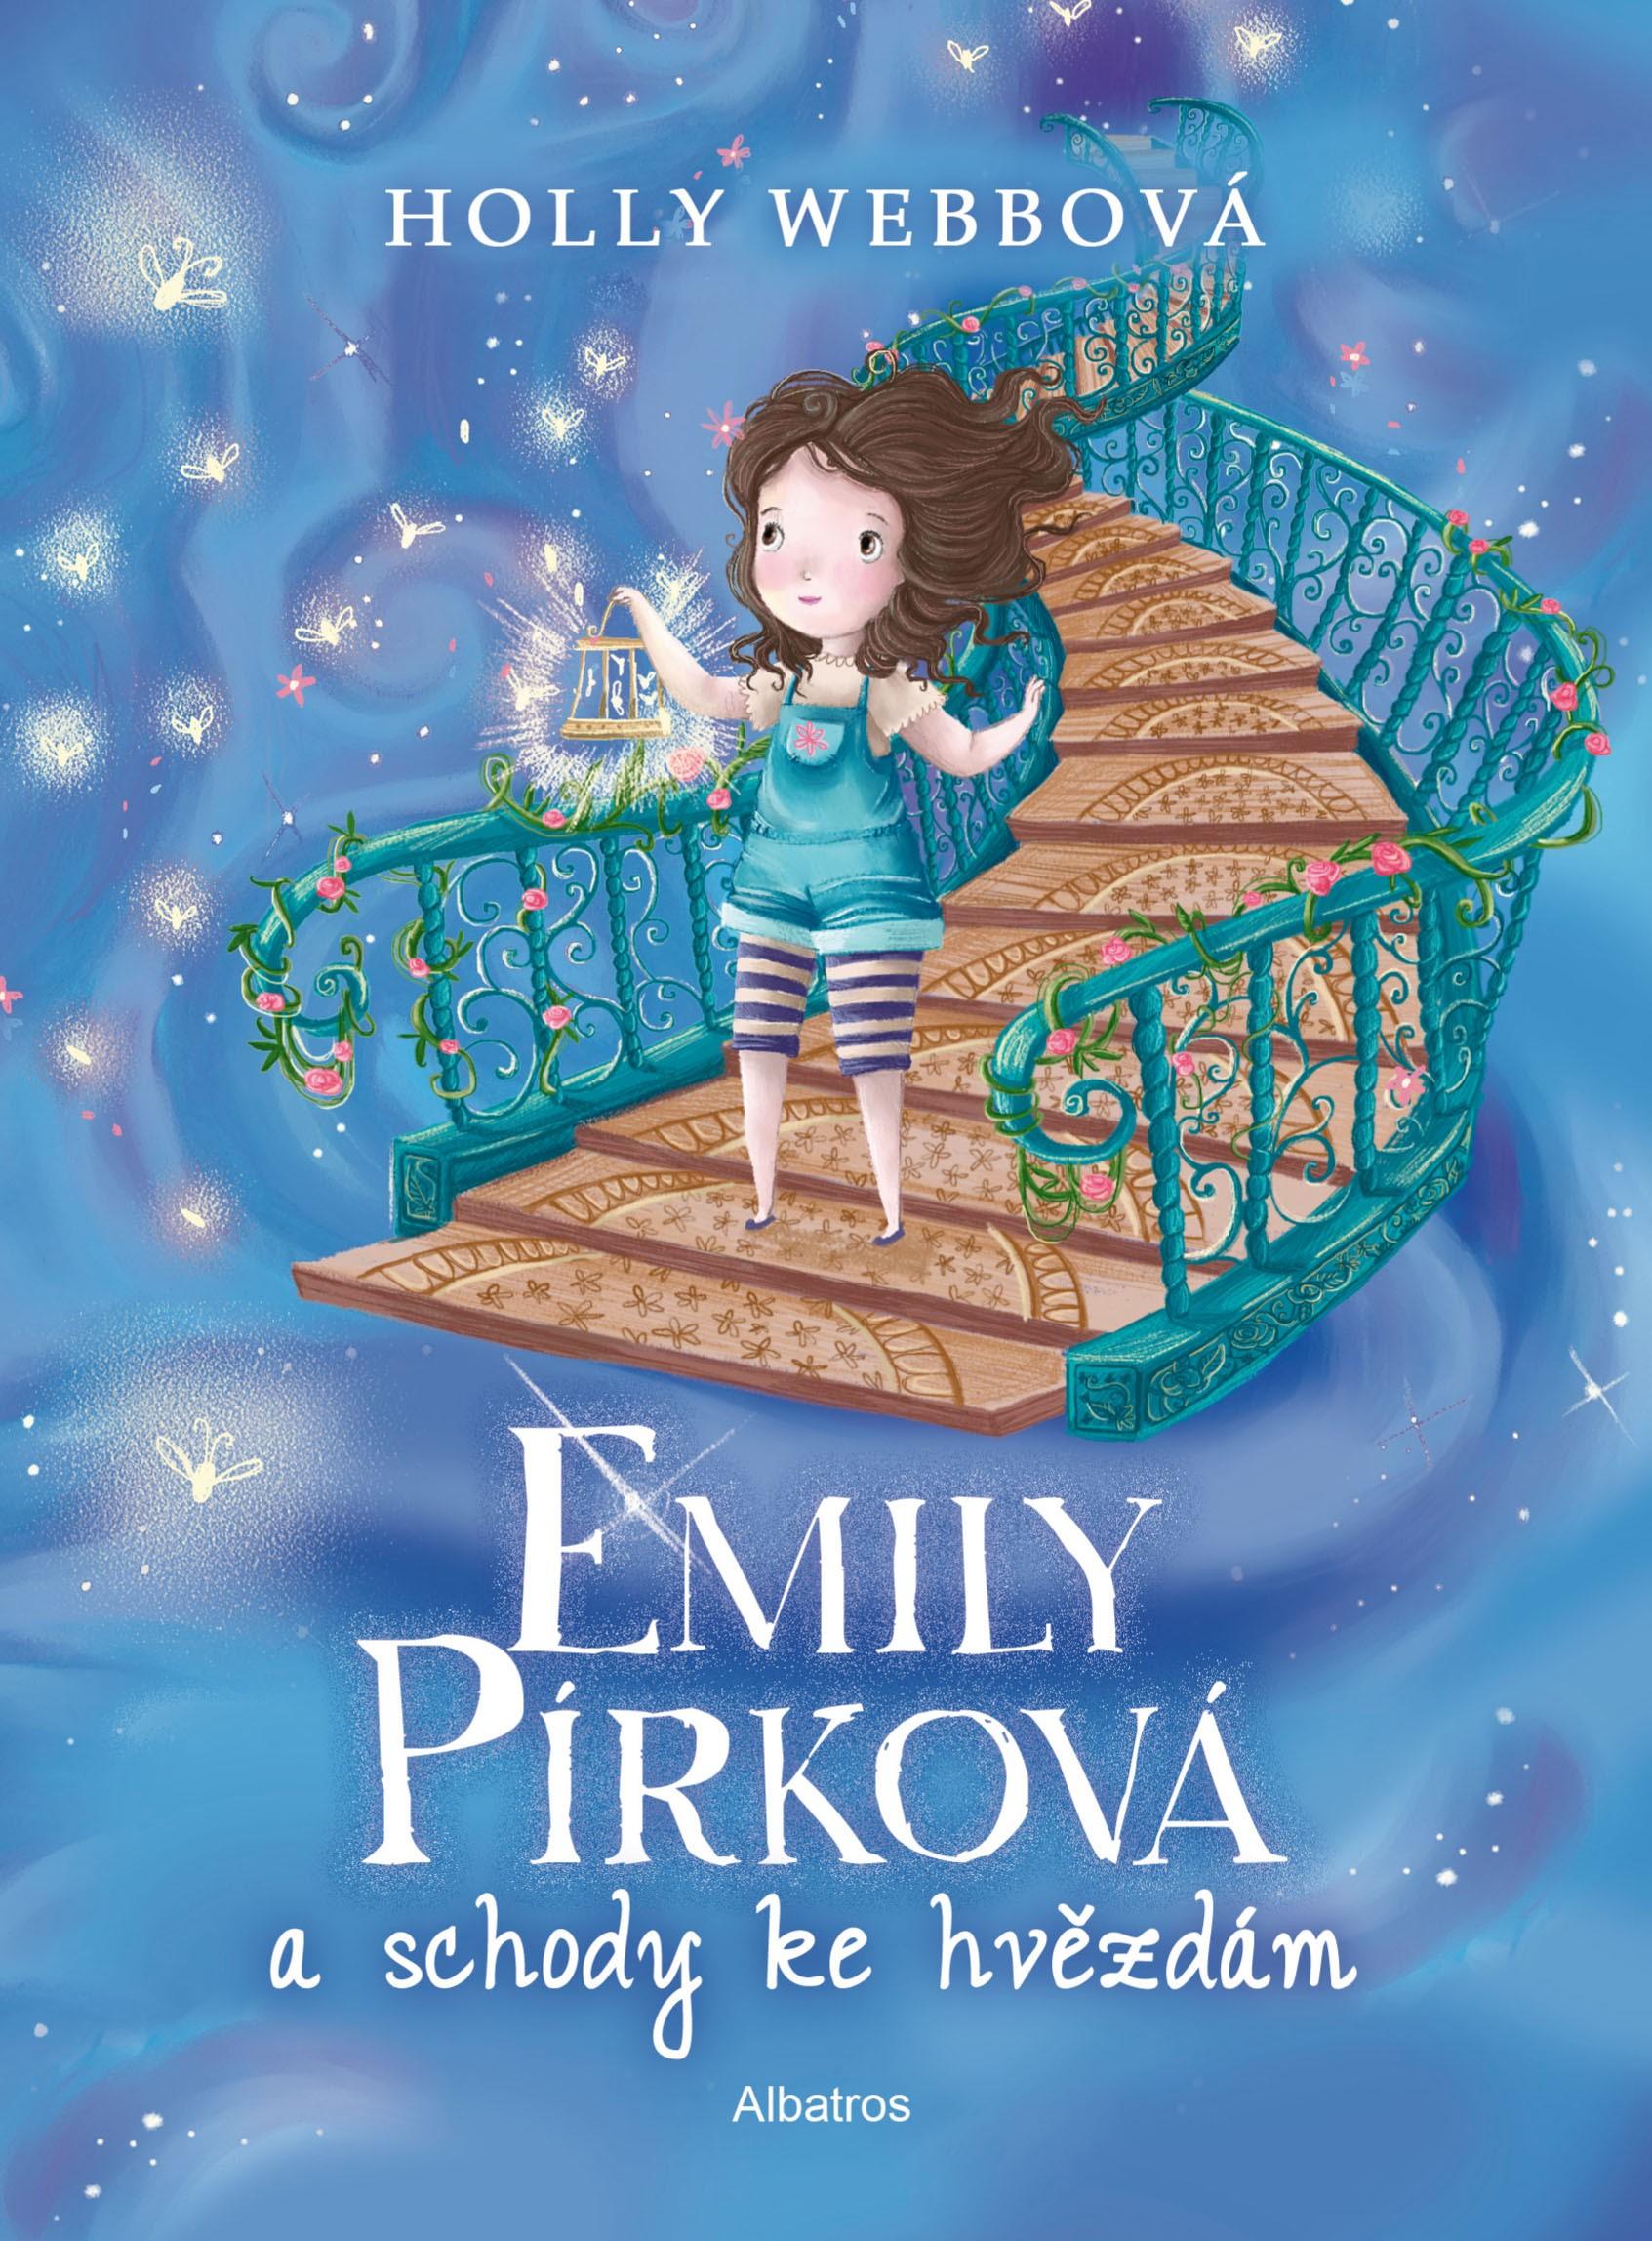 Emily Pírková a schody ke hvězdám | Holly Webbová